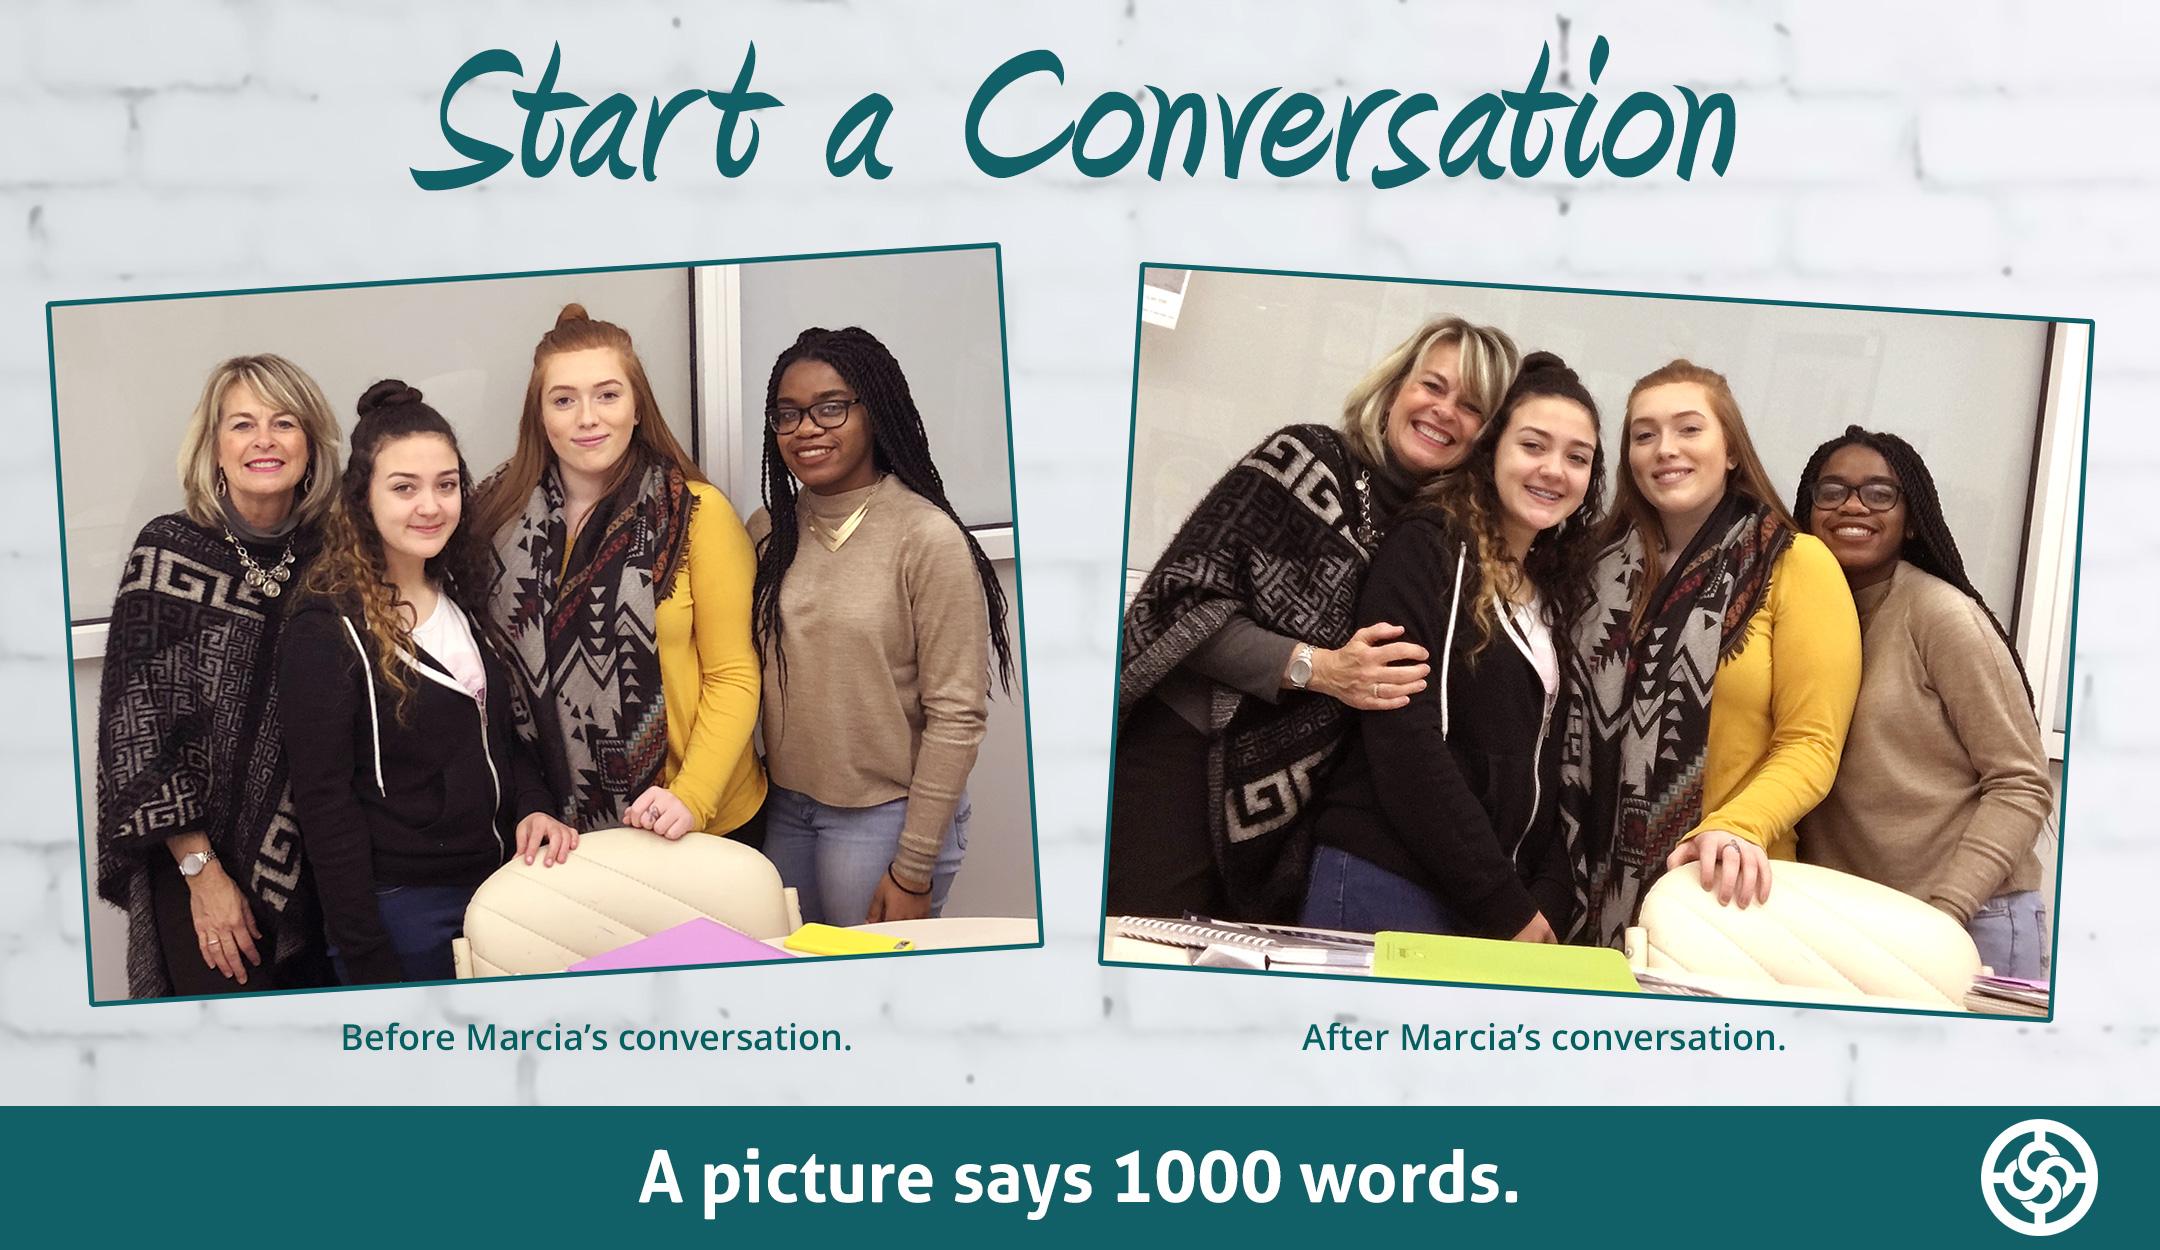 Start a conversation